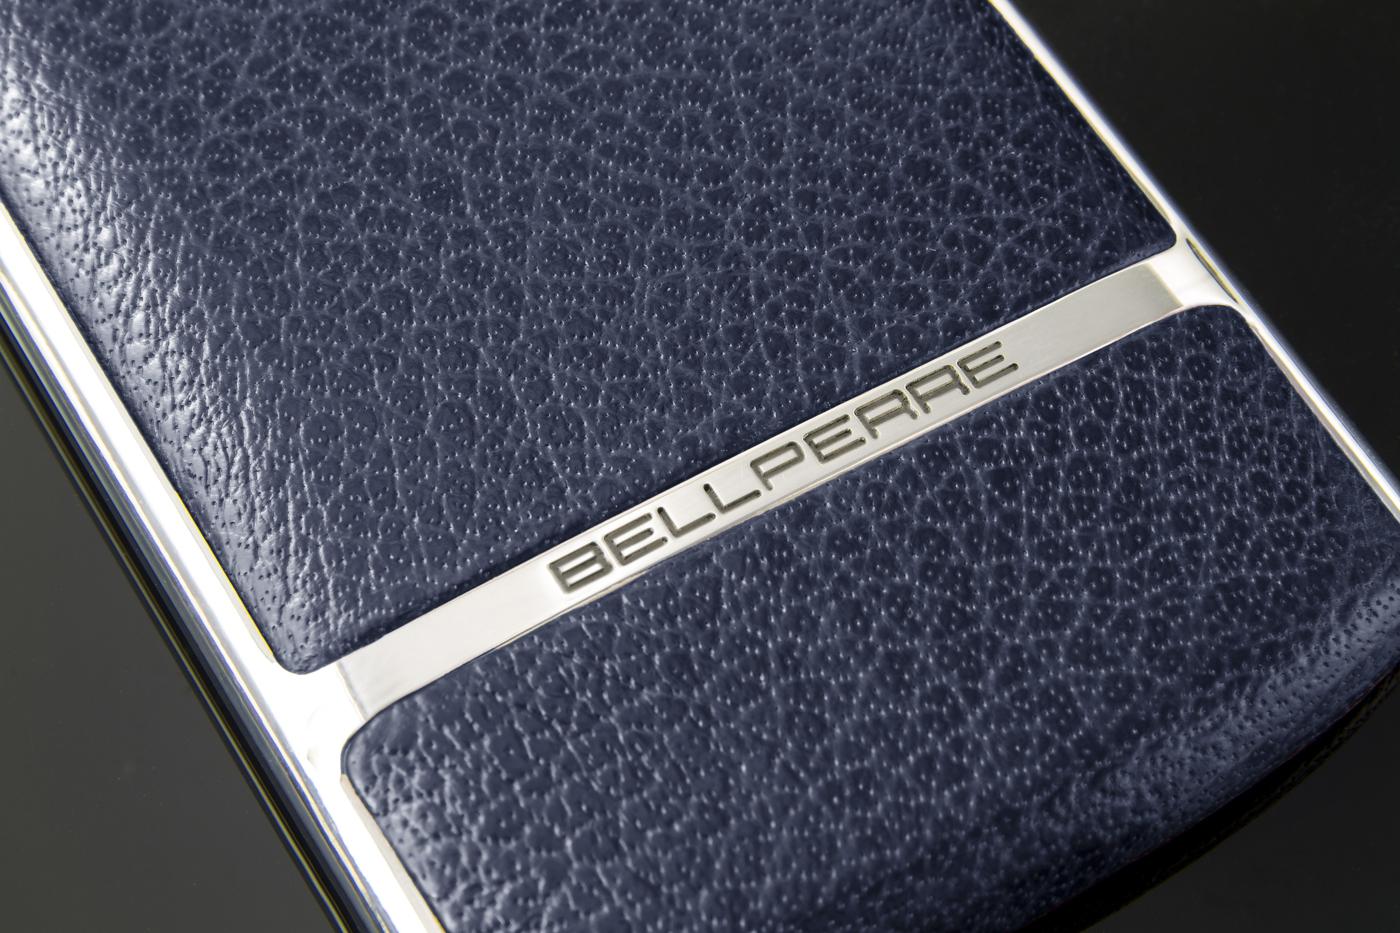 Bellperre_luxury_phone_6